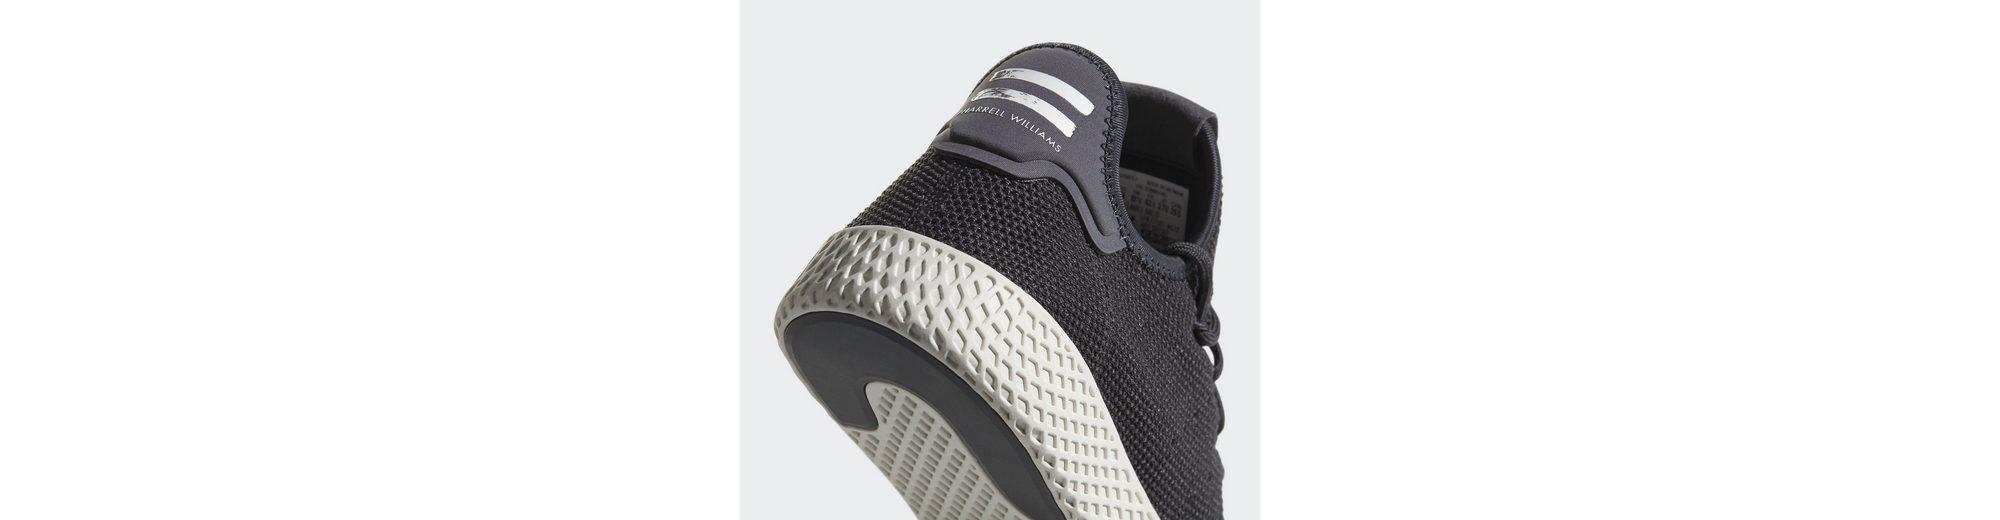 adidas Originals Pharrell Williams Tennis HU Schuh Sneaker Die Günstigste Günstig Online Spielraum Veröffentlichungstermine Günstig Kaufen Zahlung Mit Visa Rabatt-Codes Online-Shopping lcW7Y